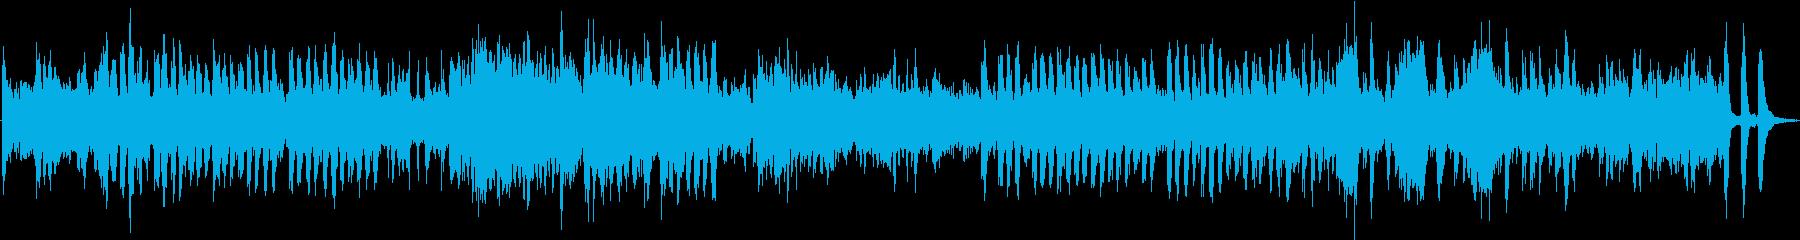 スリルとスピード感のある曲(熊蜂の飛行)の再生済みの波形